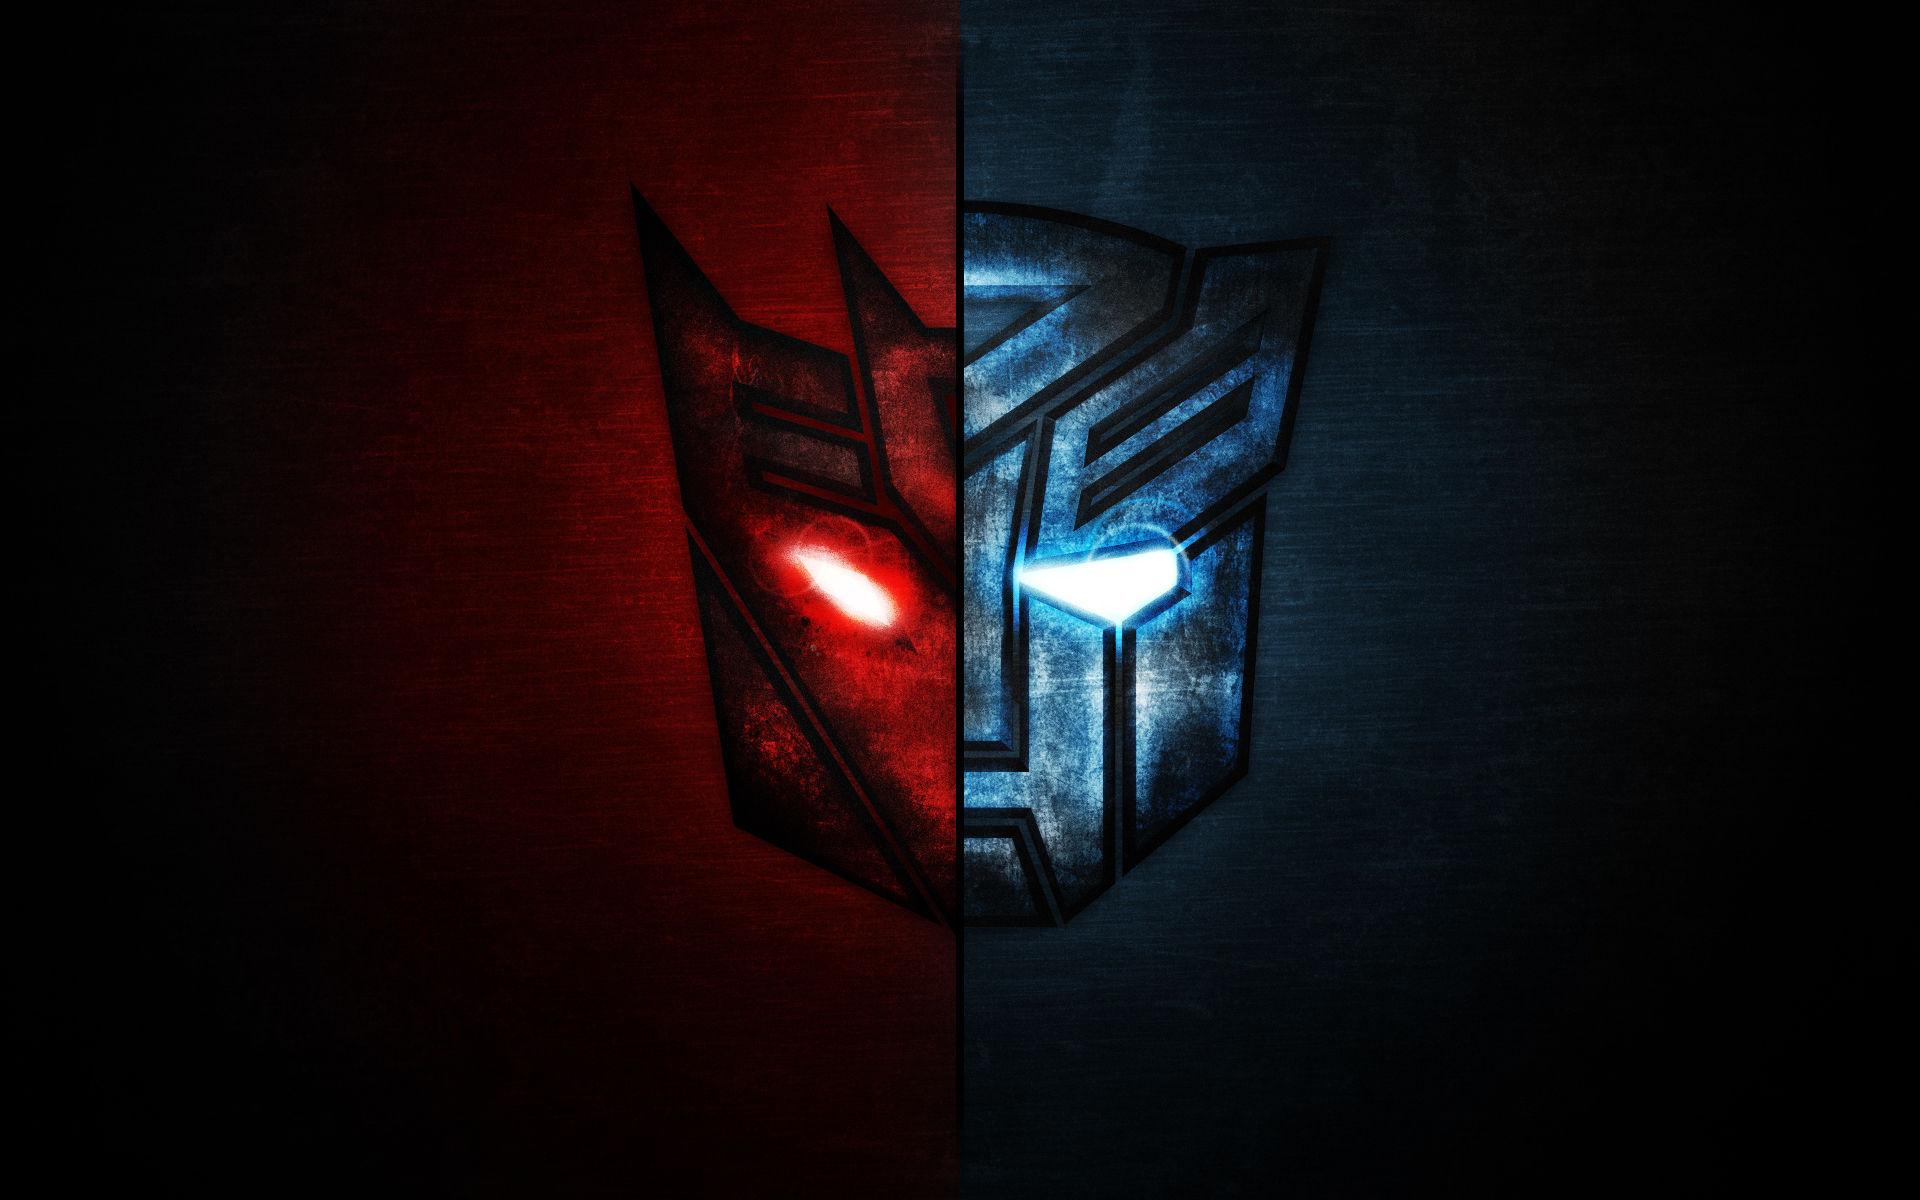 2708 - ¿Cuánto sabes de la trilogía Transformers?